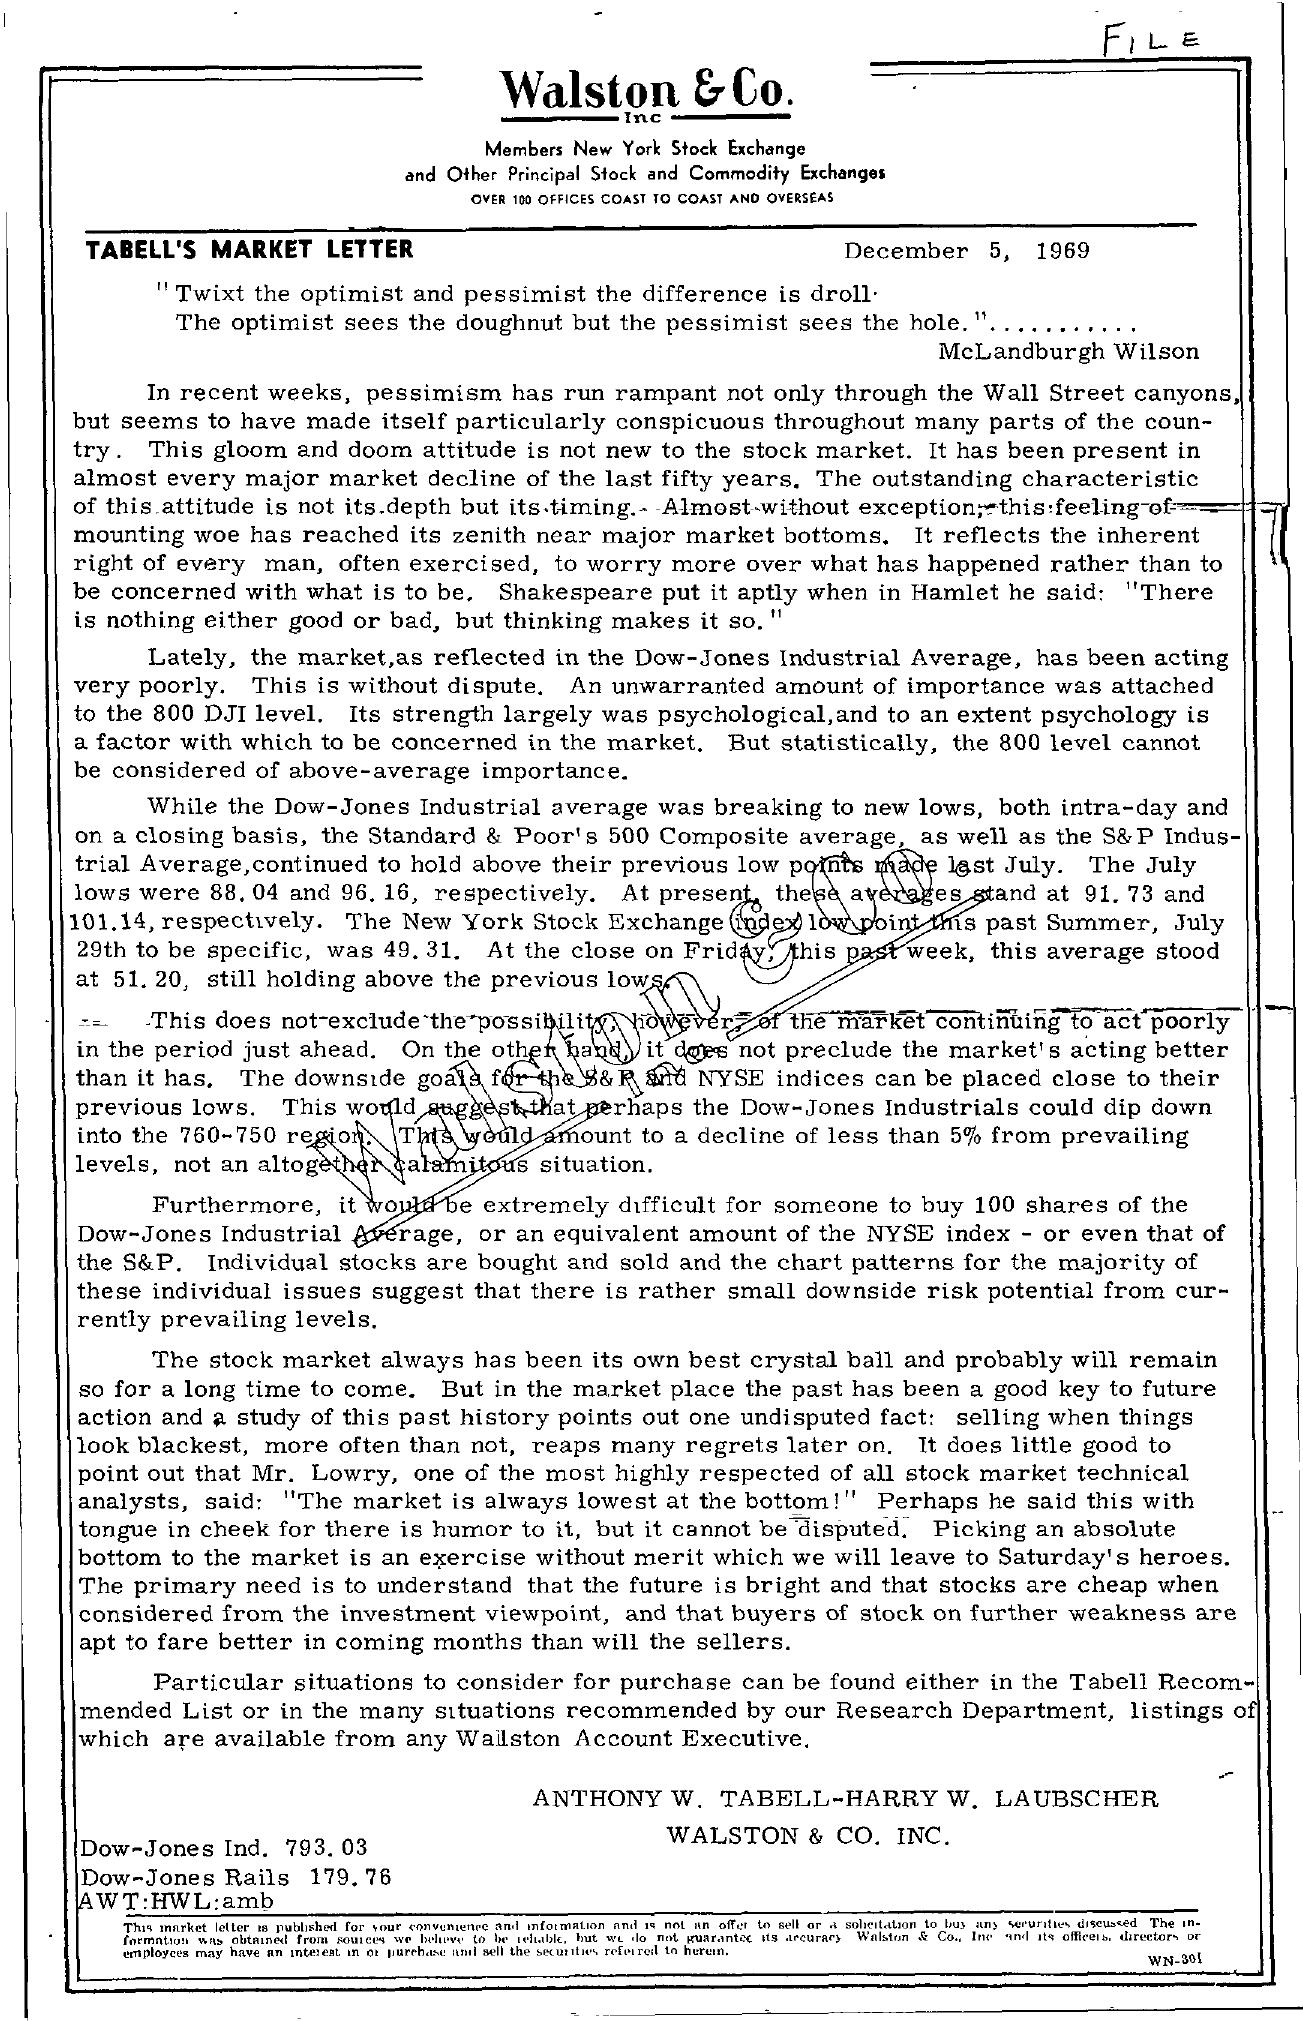 Tabell's Market Letter - December 05, 1969